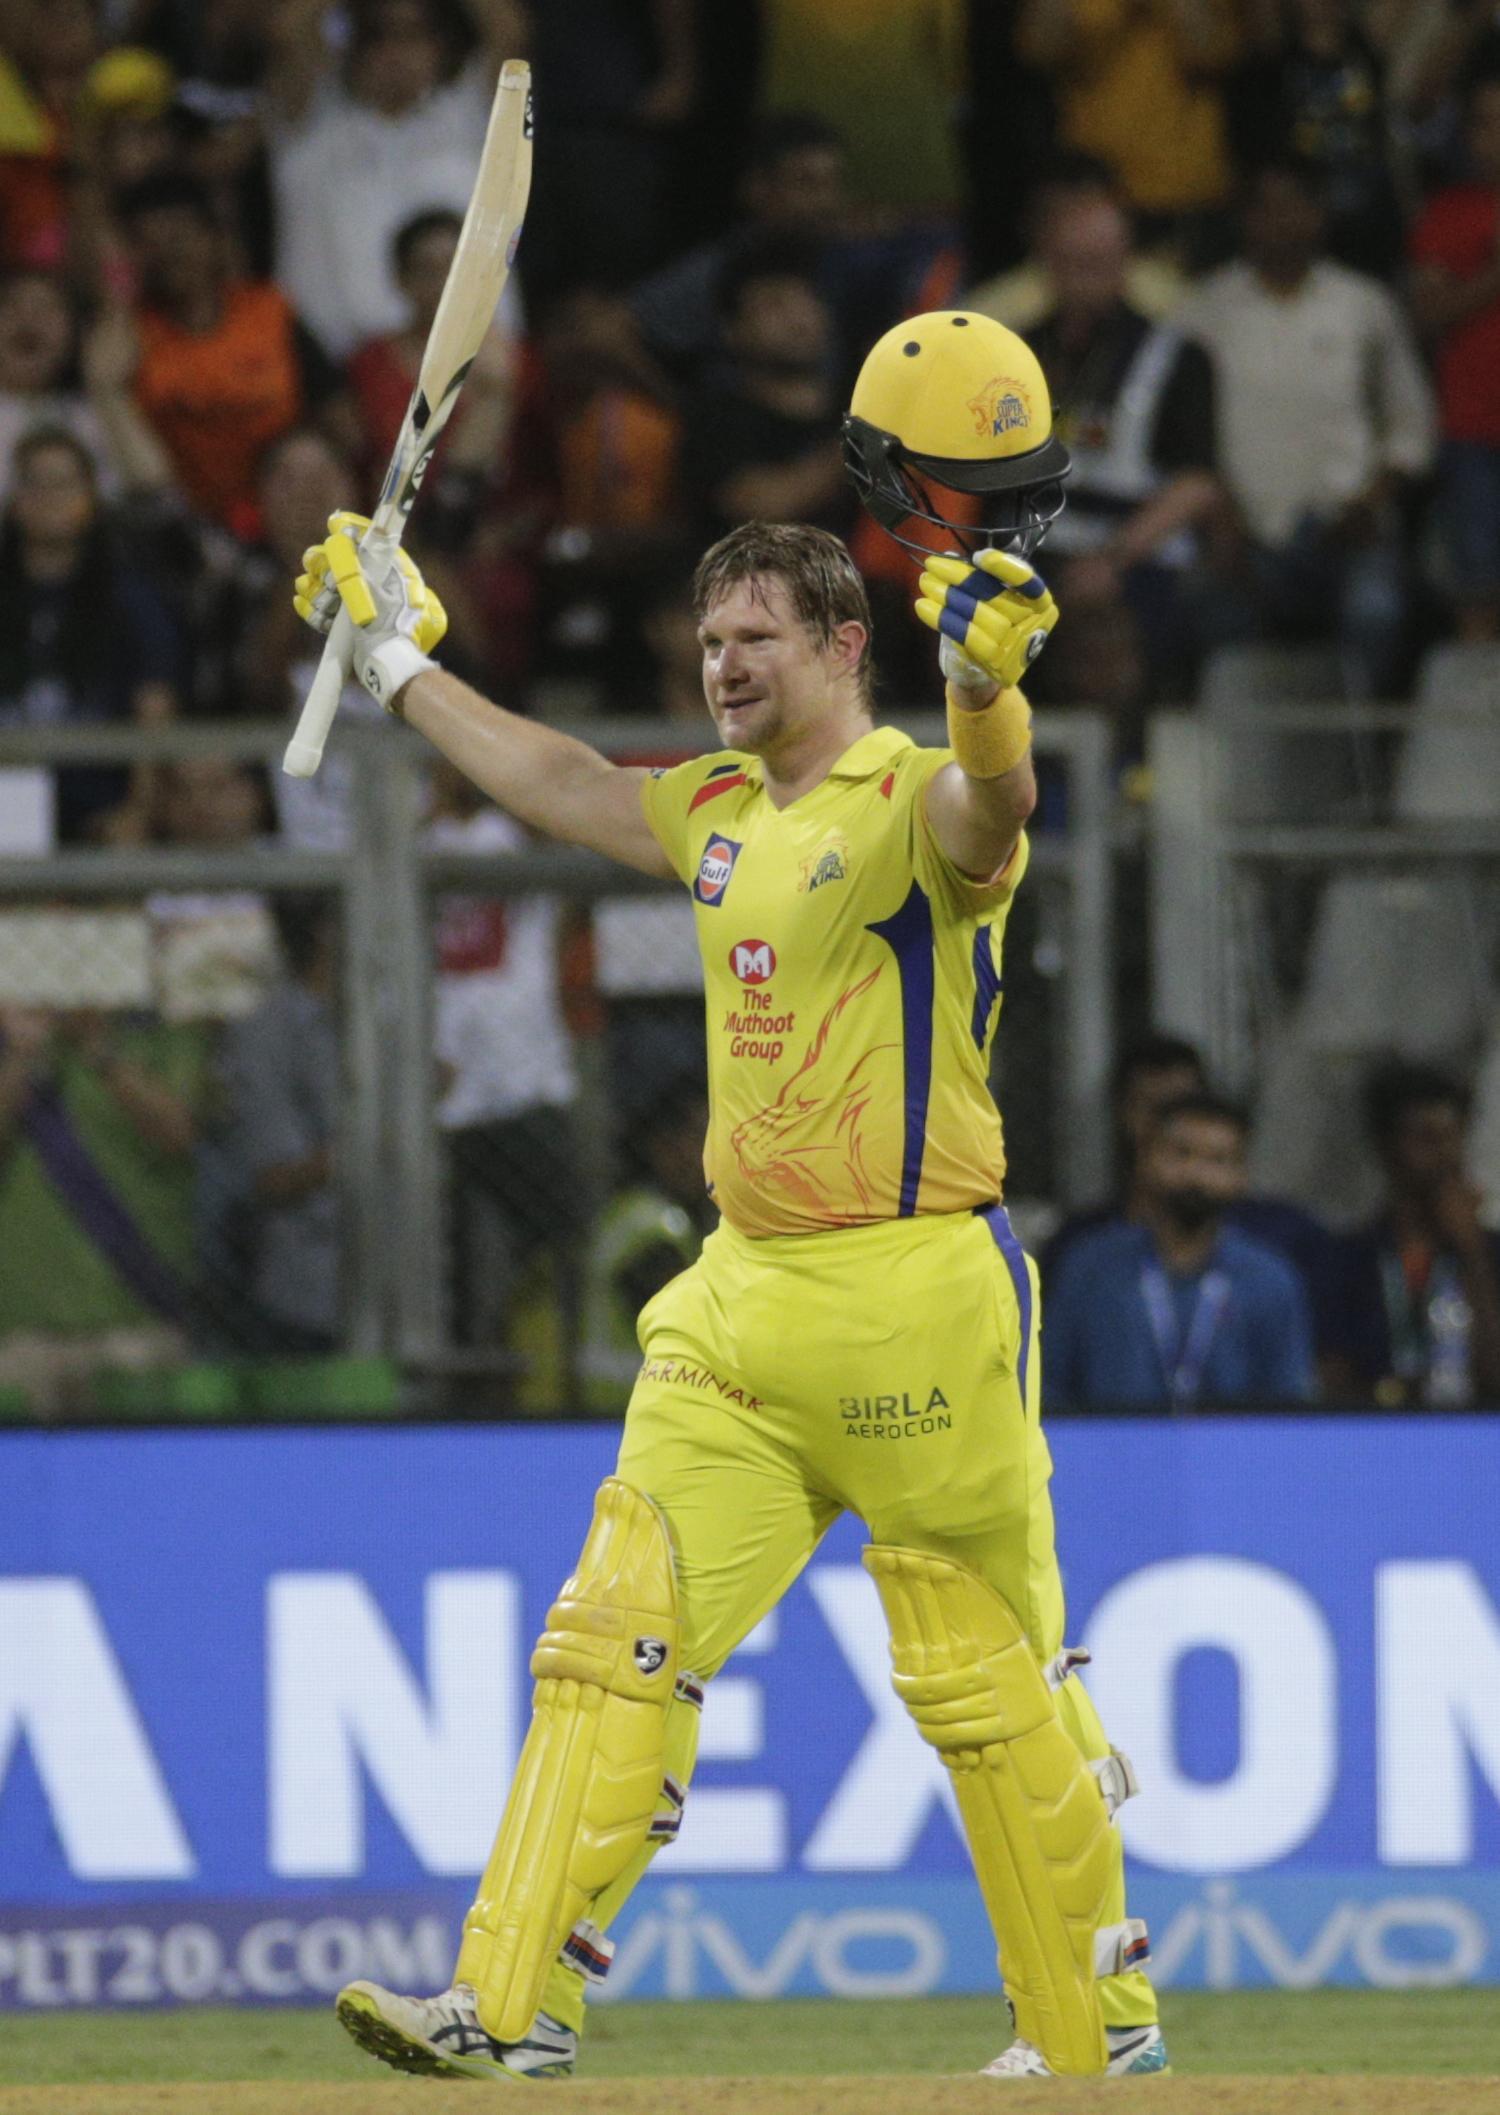 Watson, 36, hit an unbeaten 117 runs off 57 balls for CSK